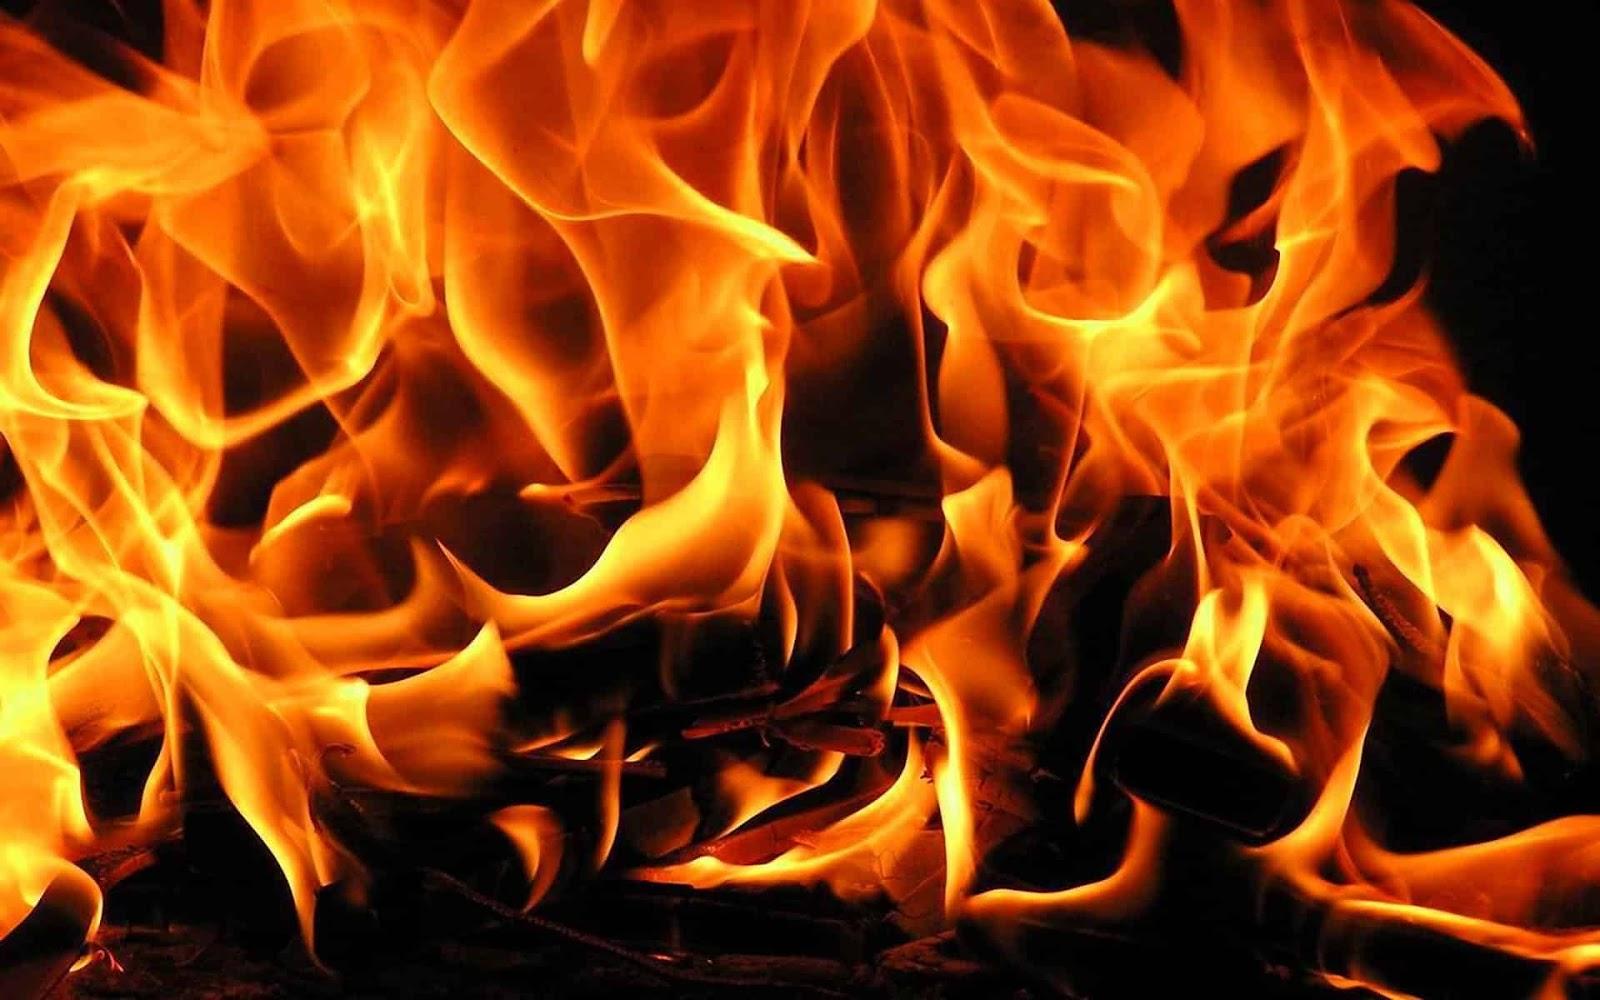 تفسير حلم النار تحرق شخص